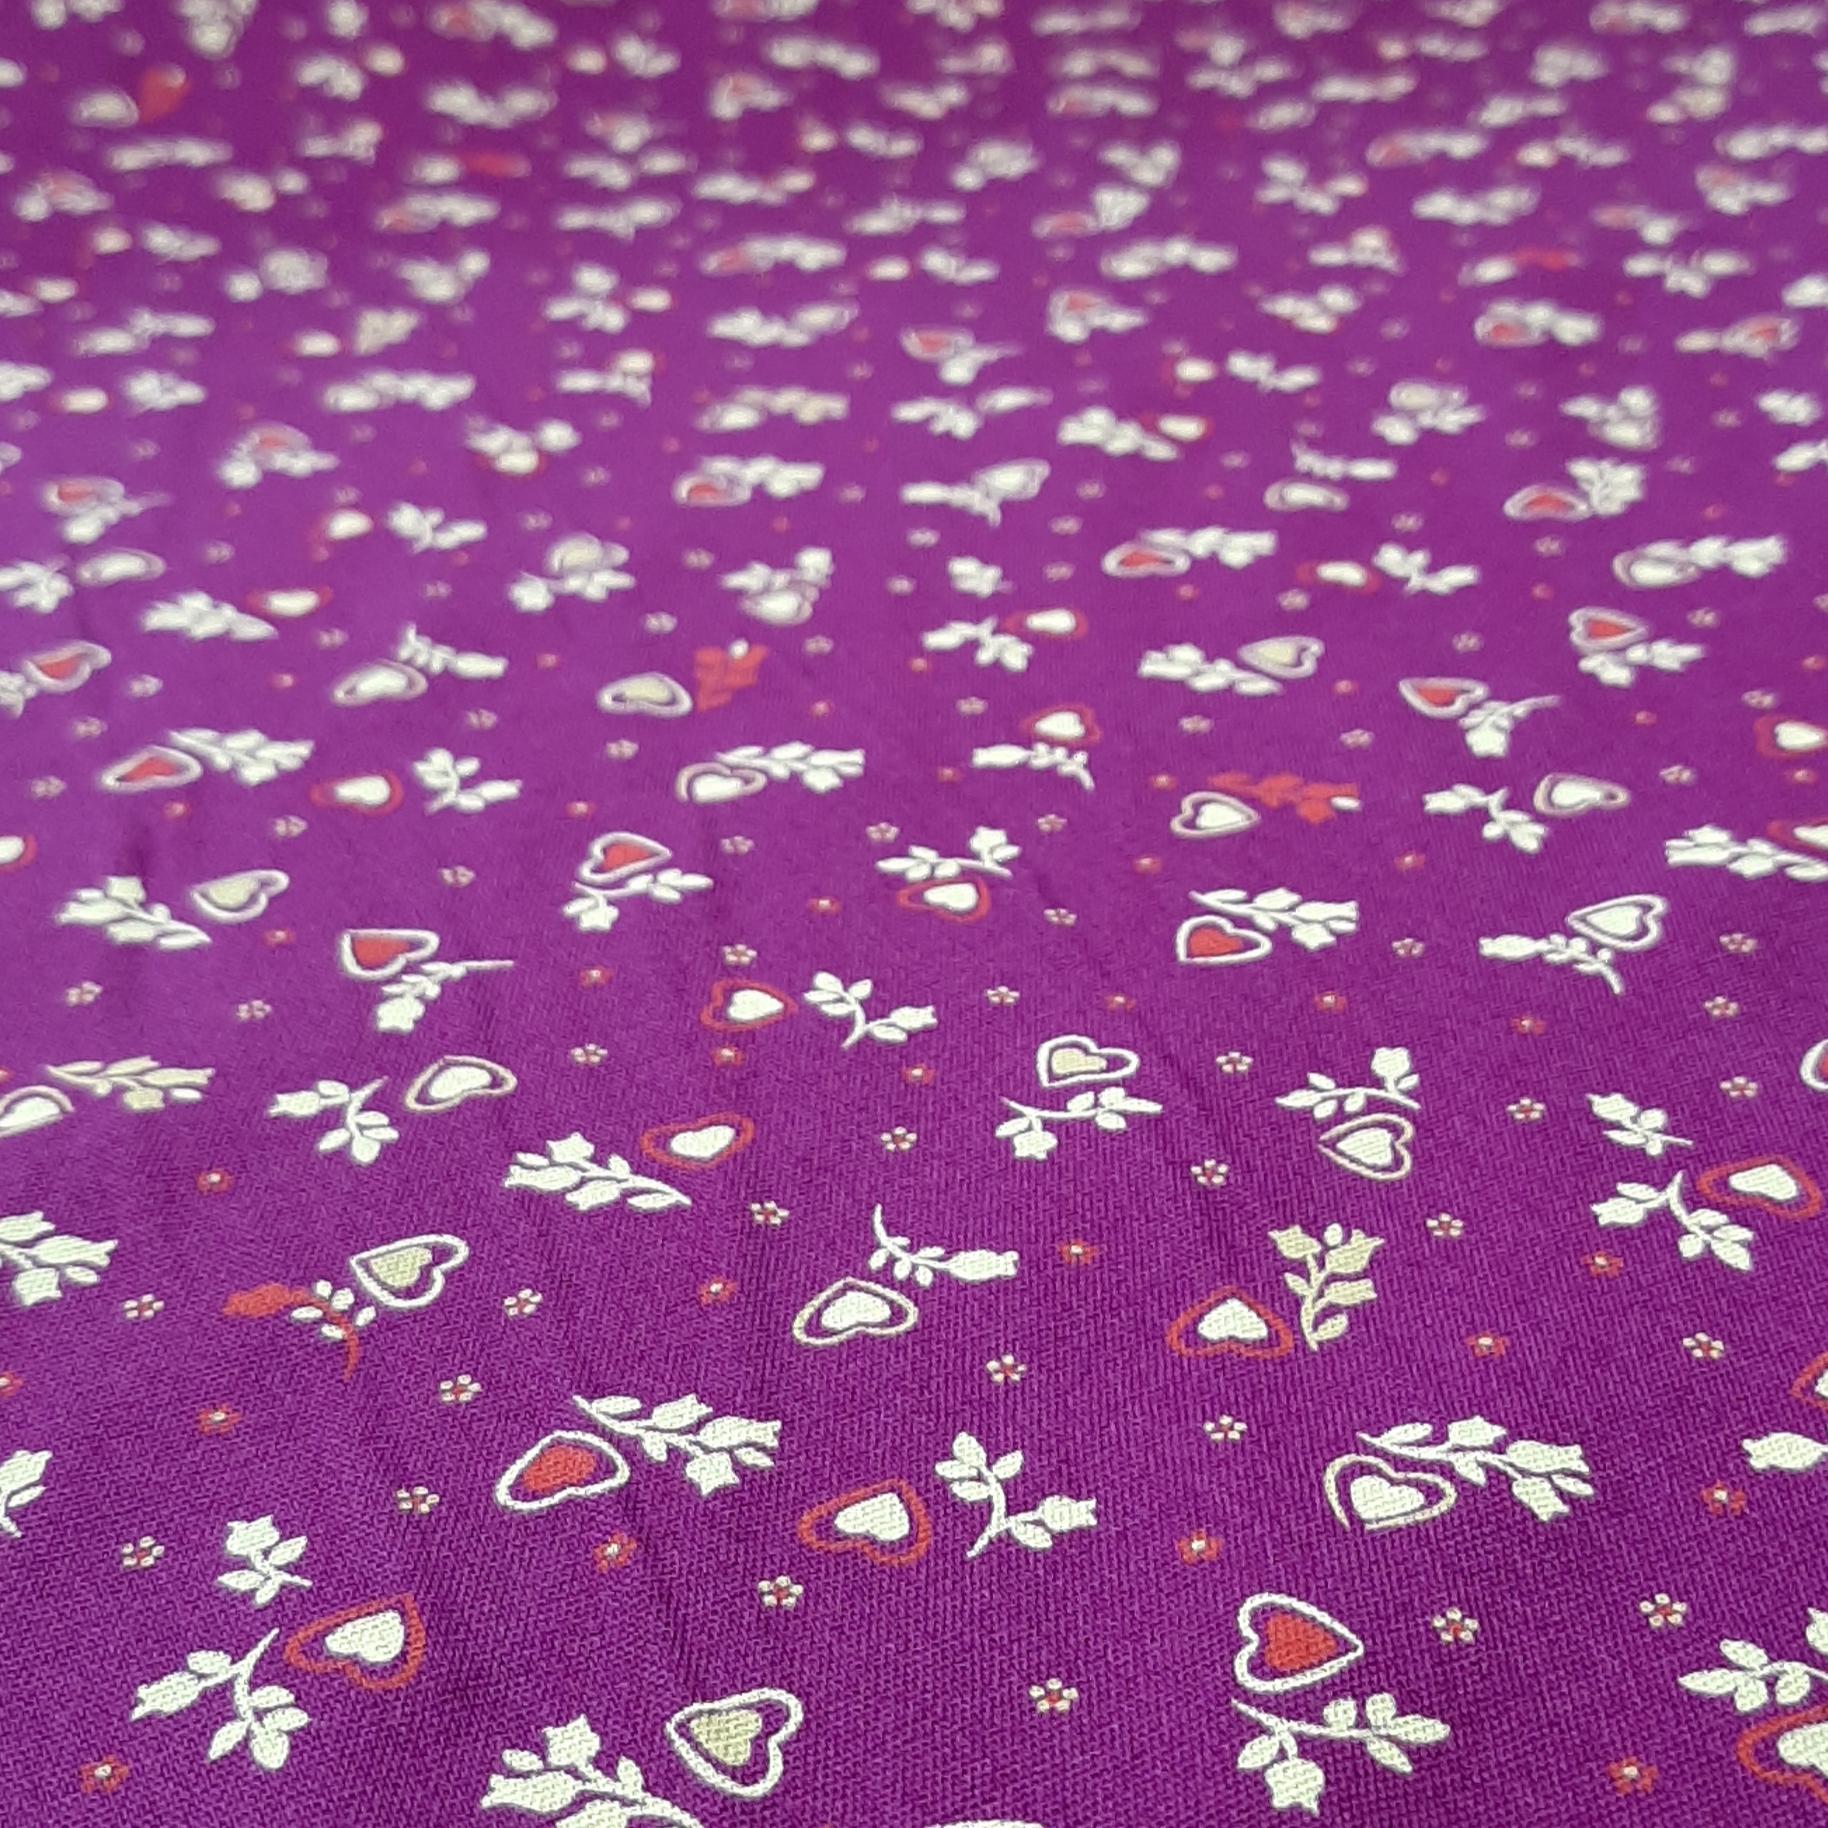 خرید                      پارچه لباس طرح ریز گل کد ۵۲۷